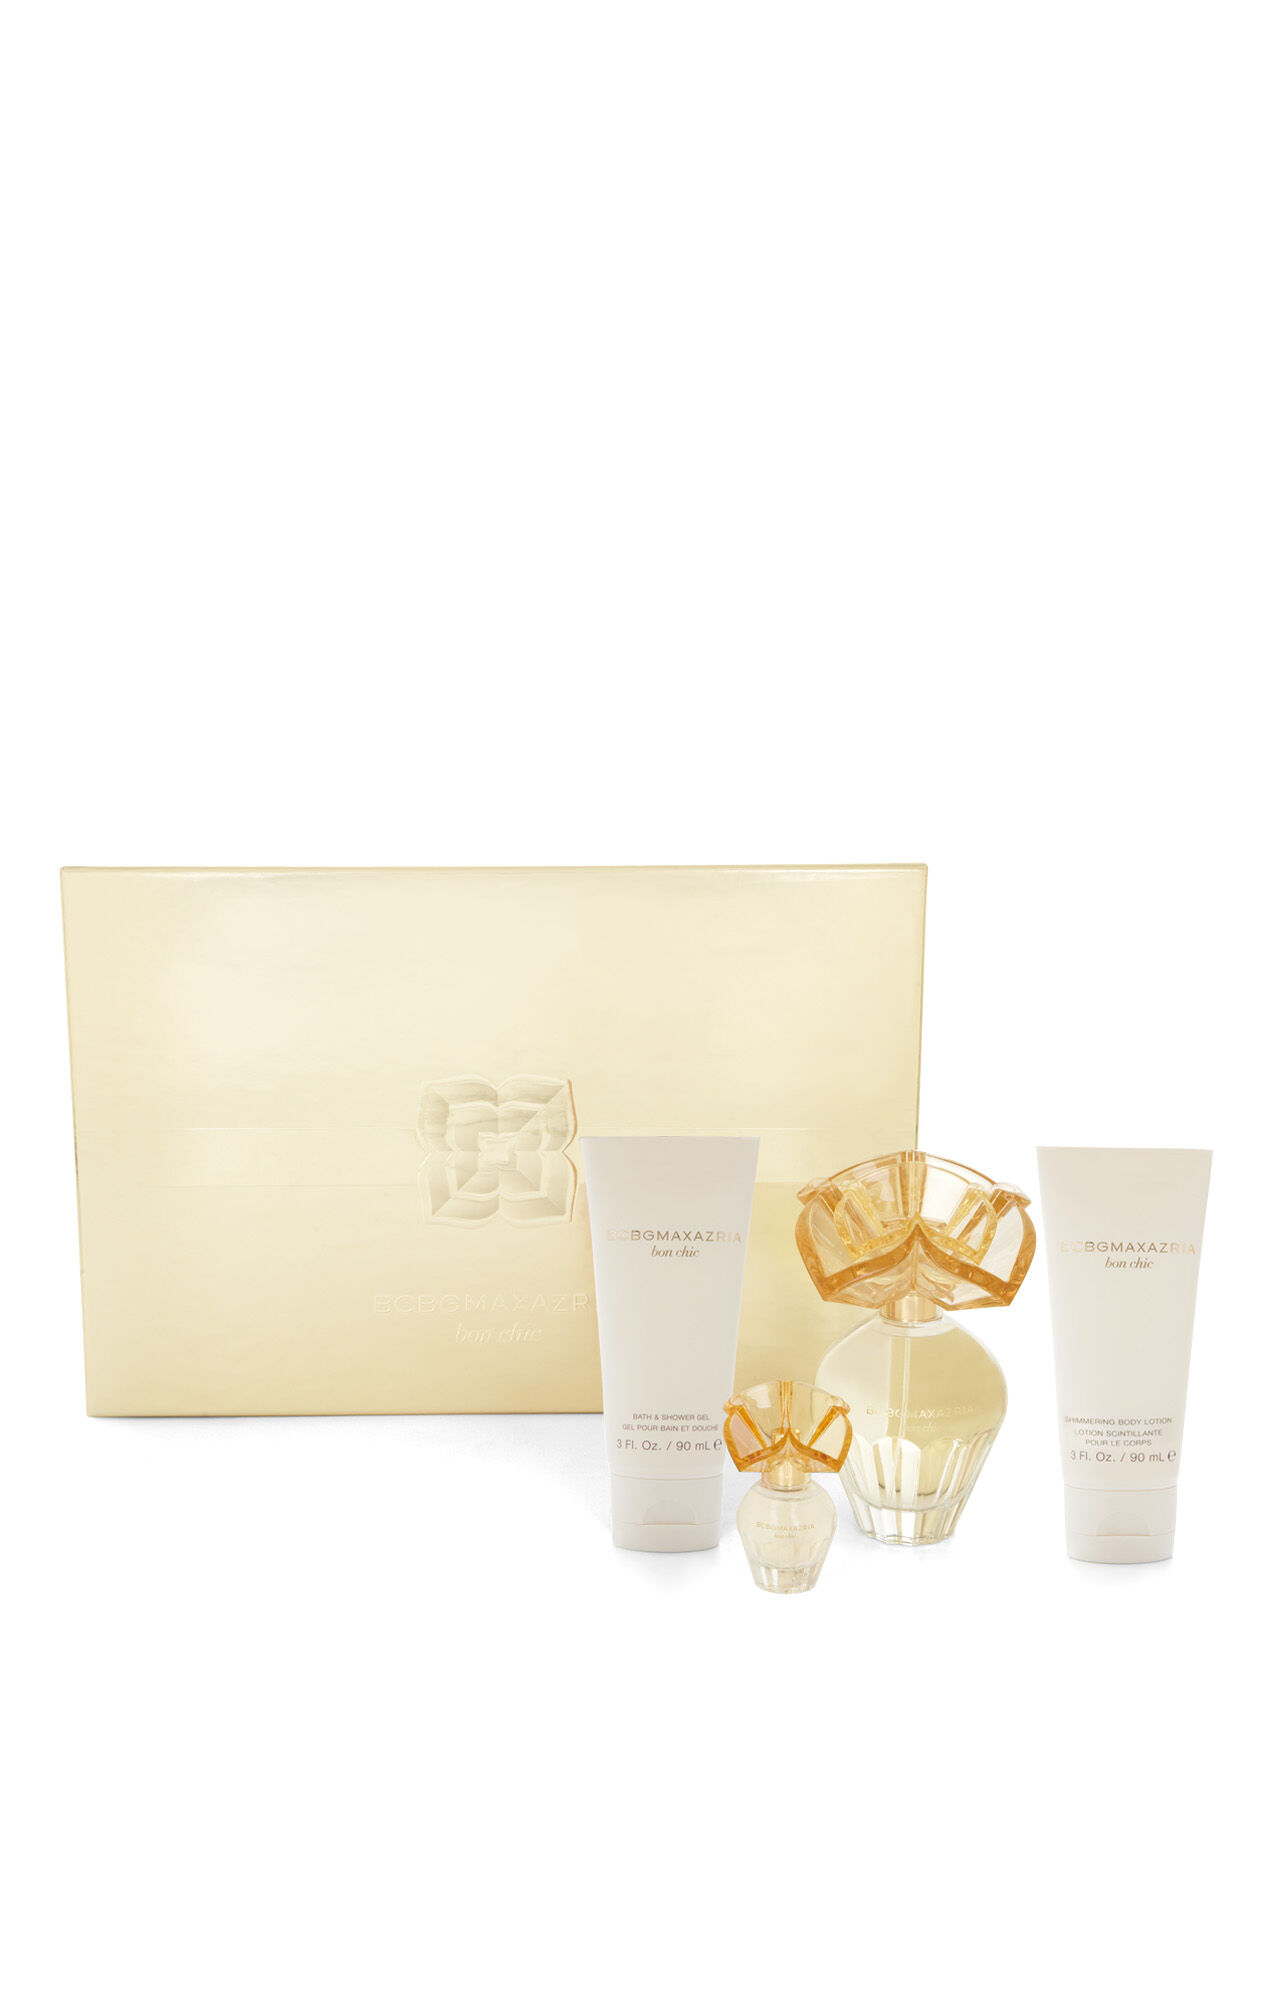 BCBGMAXAZRIA Bon Chic Gift Set